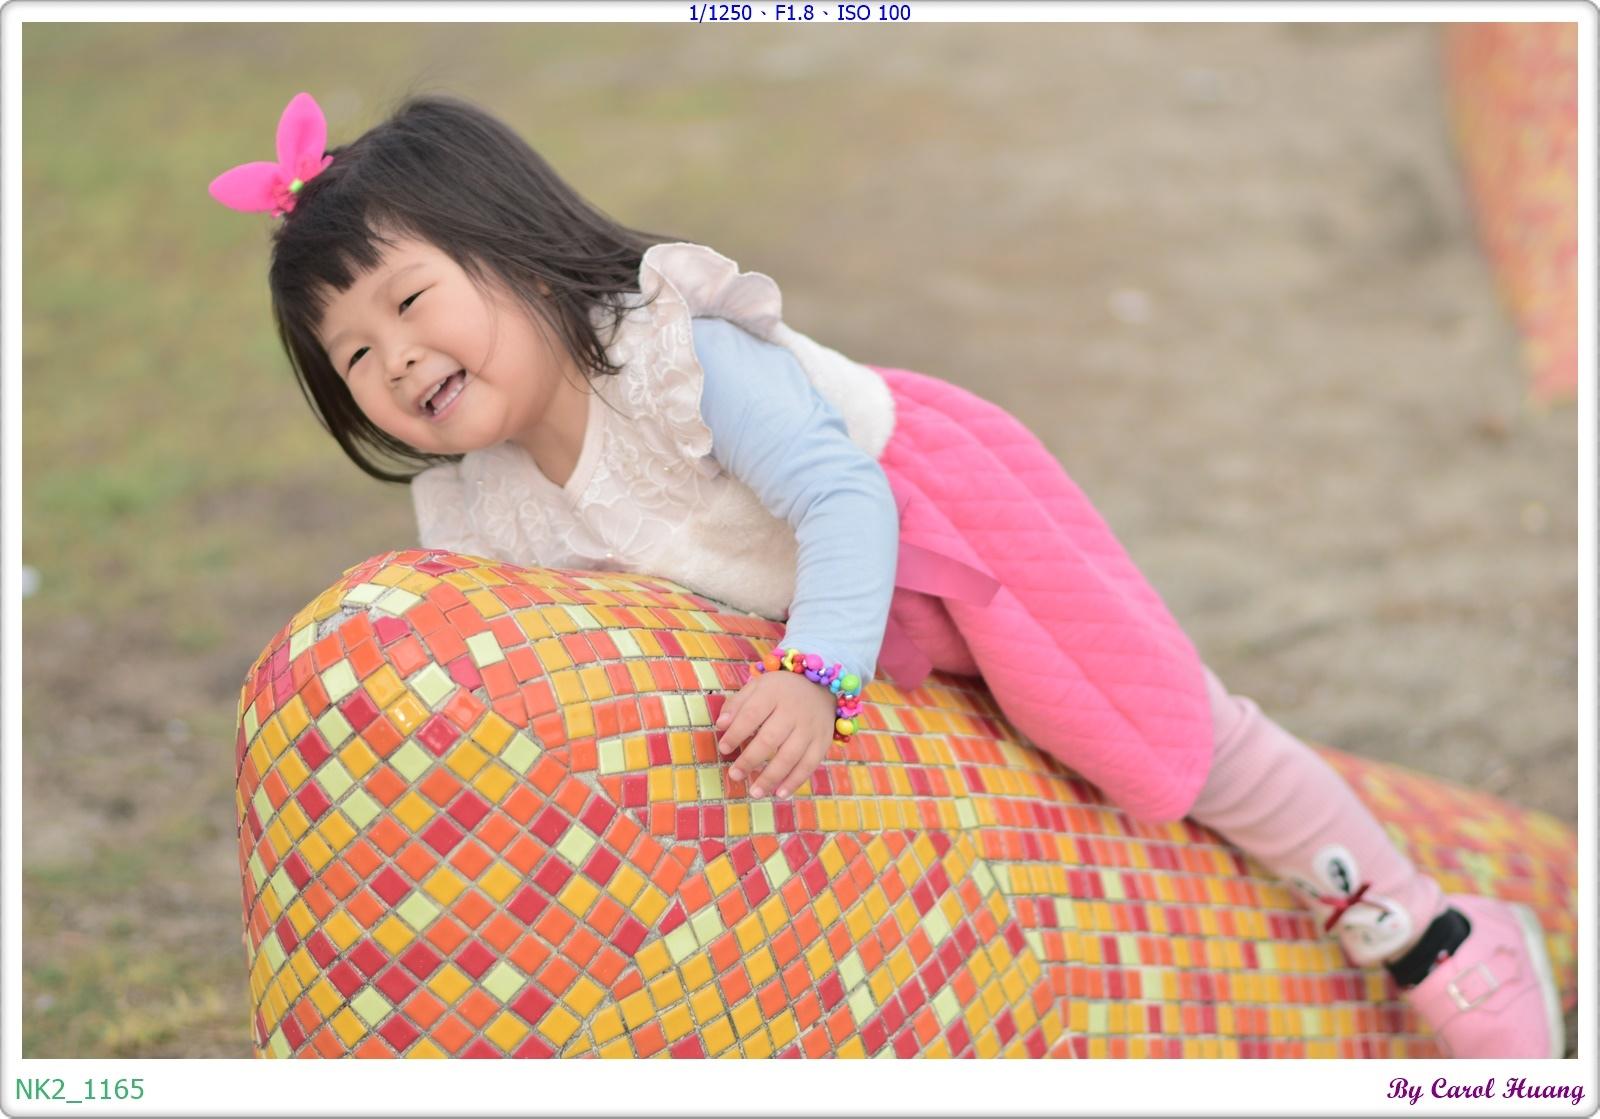 NK2_1165.JPG